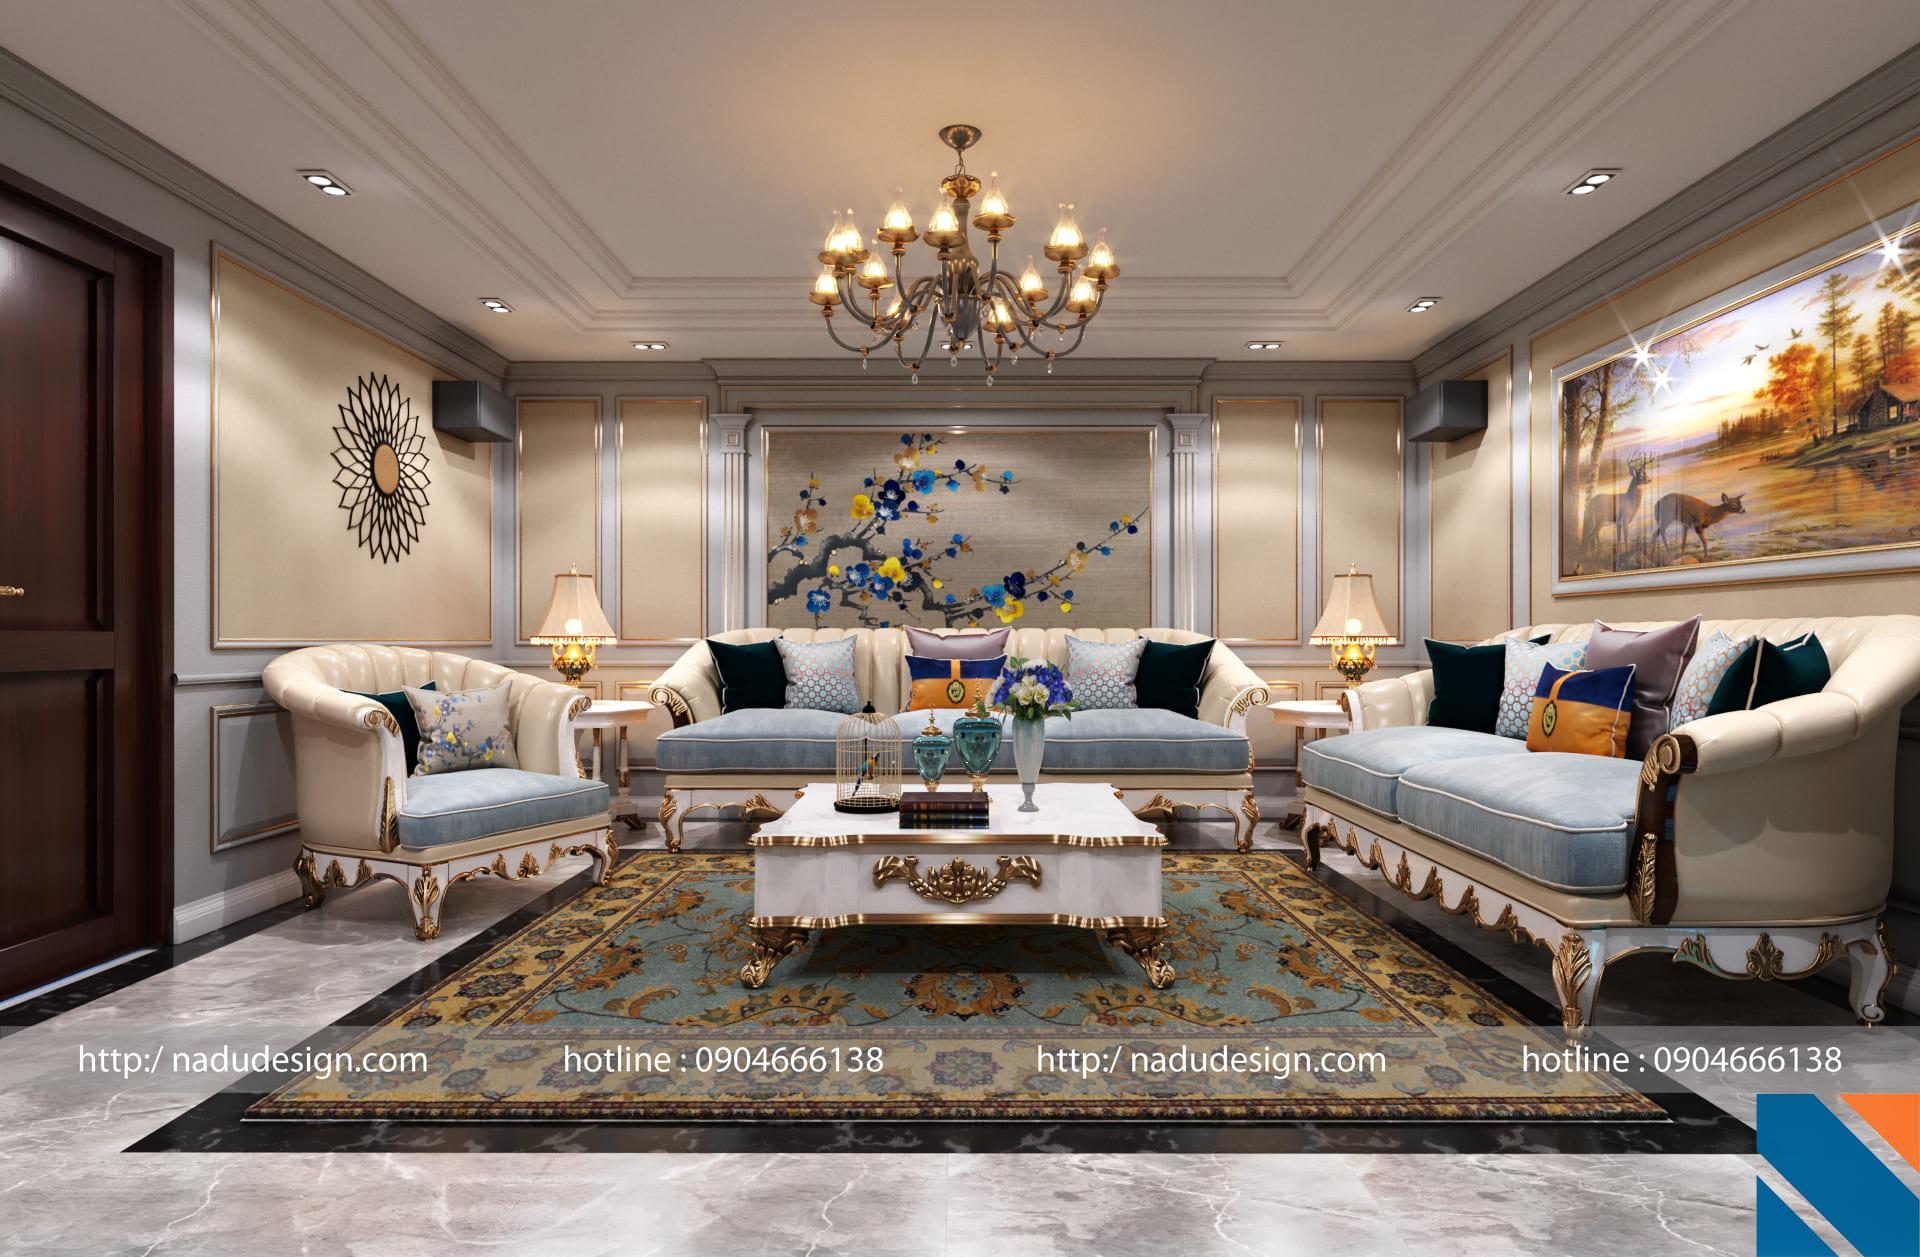 Mẫu thiết kế nội thất chung cư 3 phòng ngủ NADU Design (ảnh 5)